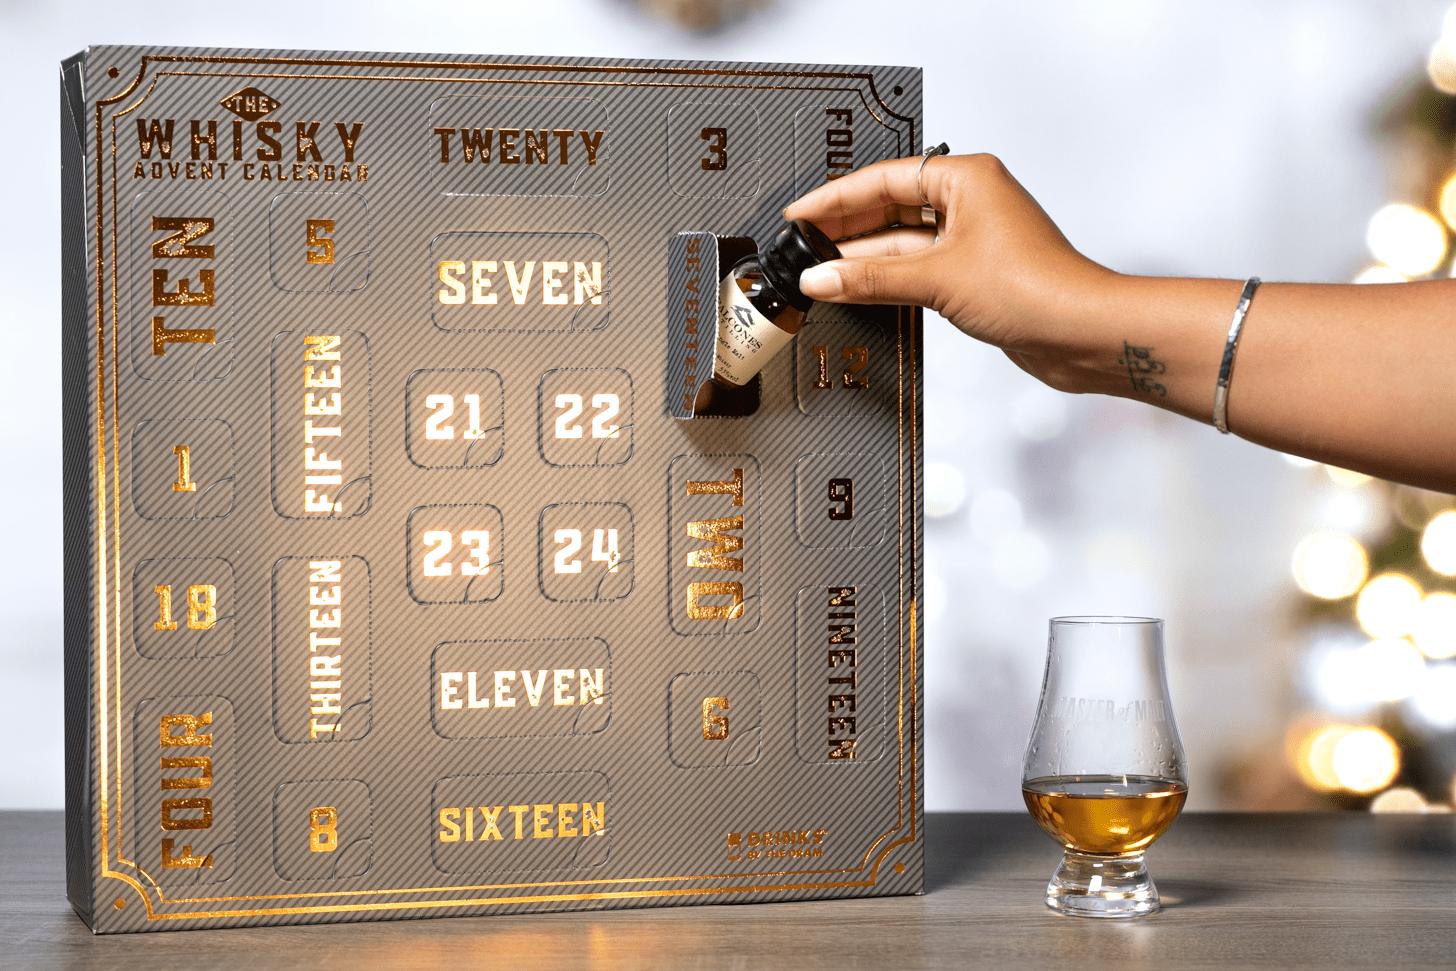 adventskalender met whisky